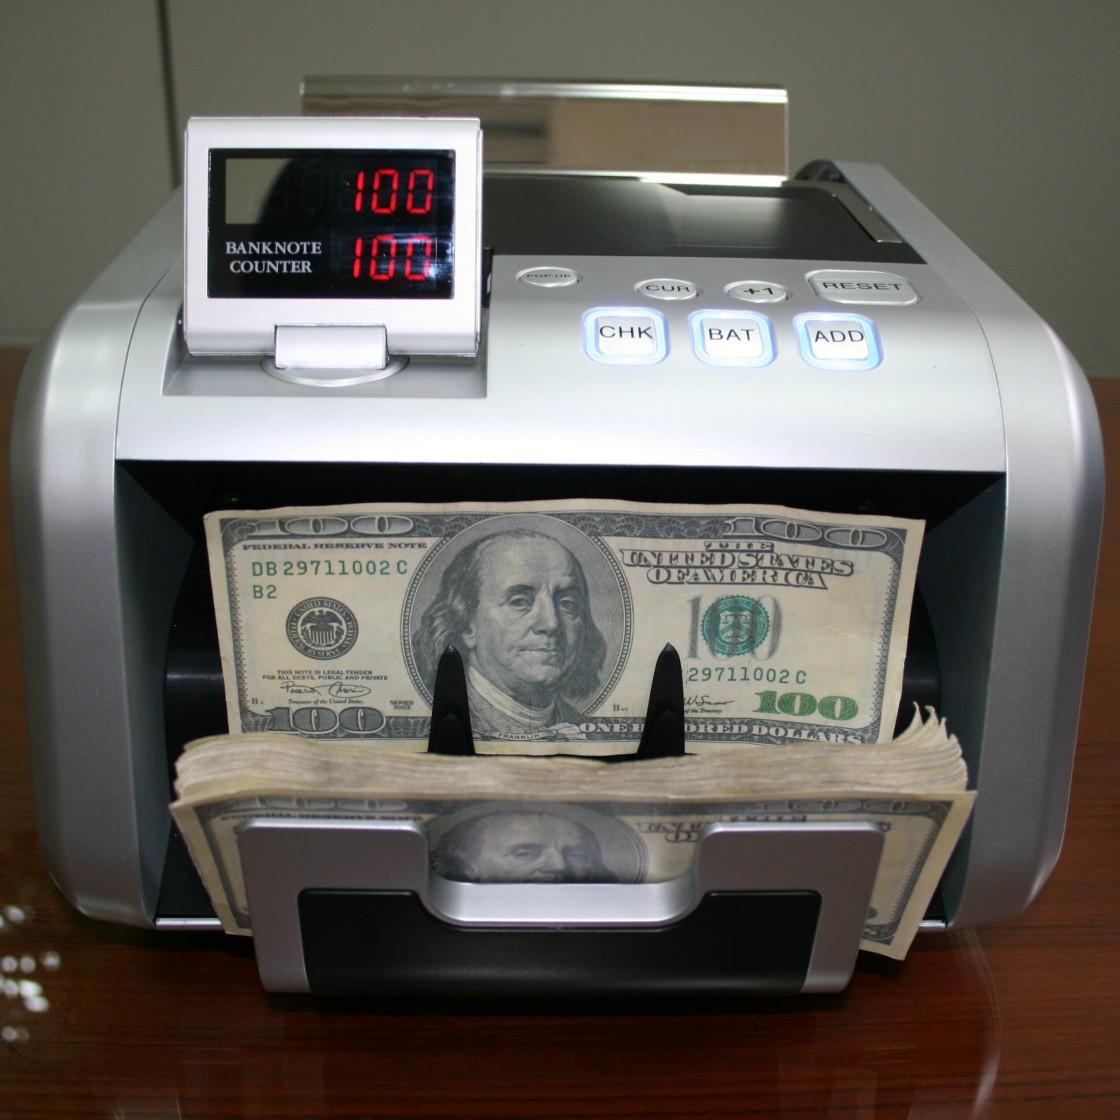 Hướng dẫn sử dụng máy đếm tiền giả theo các phím chức năng